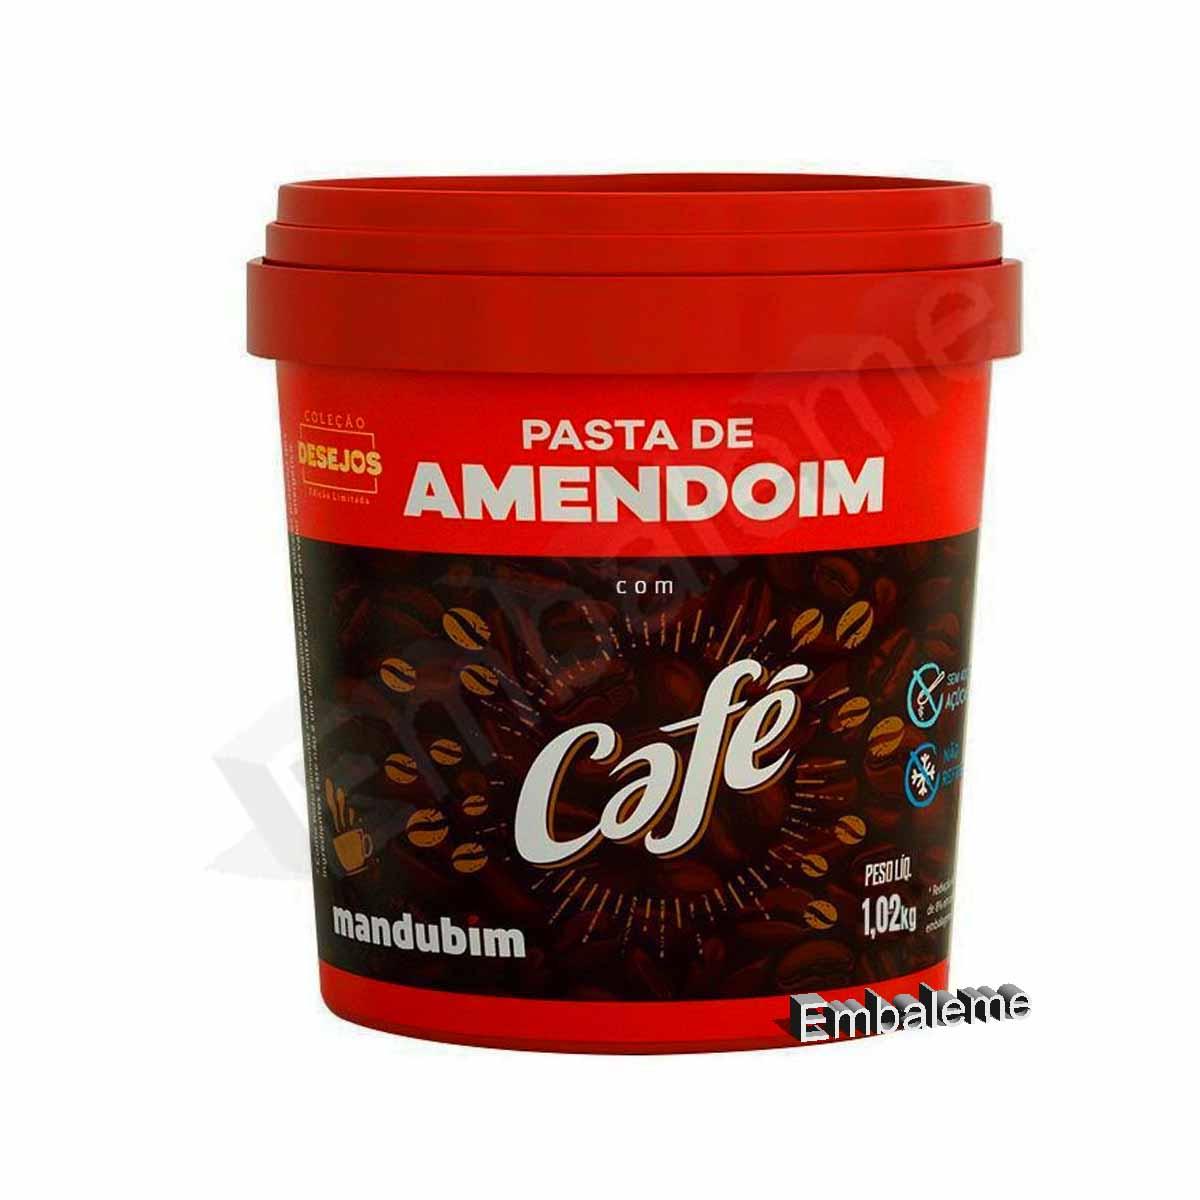 Pasta Amendoim com Café 450g Mandubim